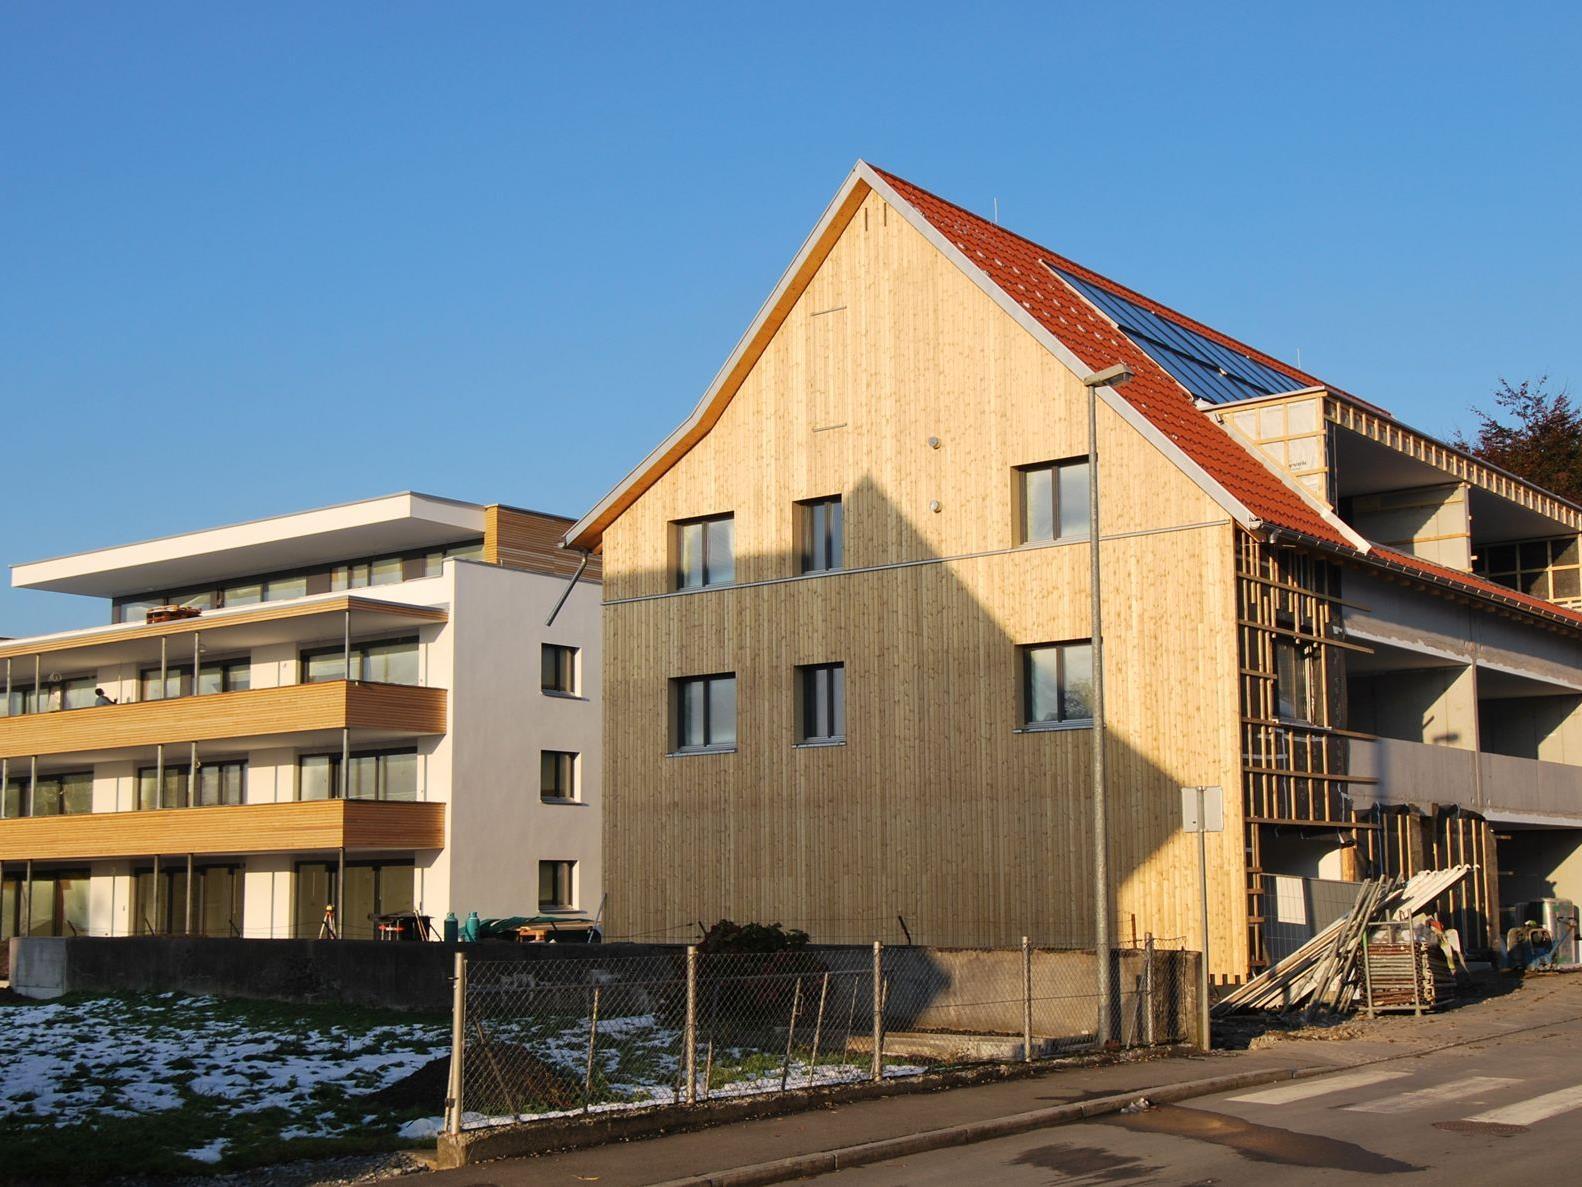 Eines der Gebäude weist ein Satteldach und eine holzverkleidete Fassade auf